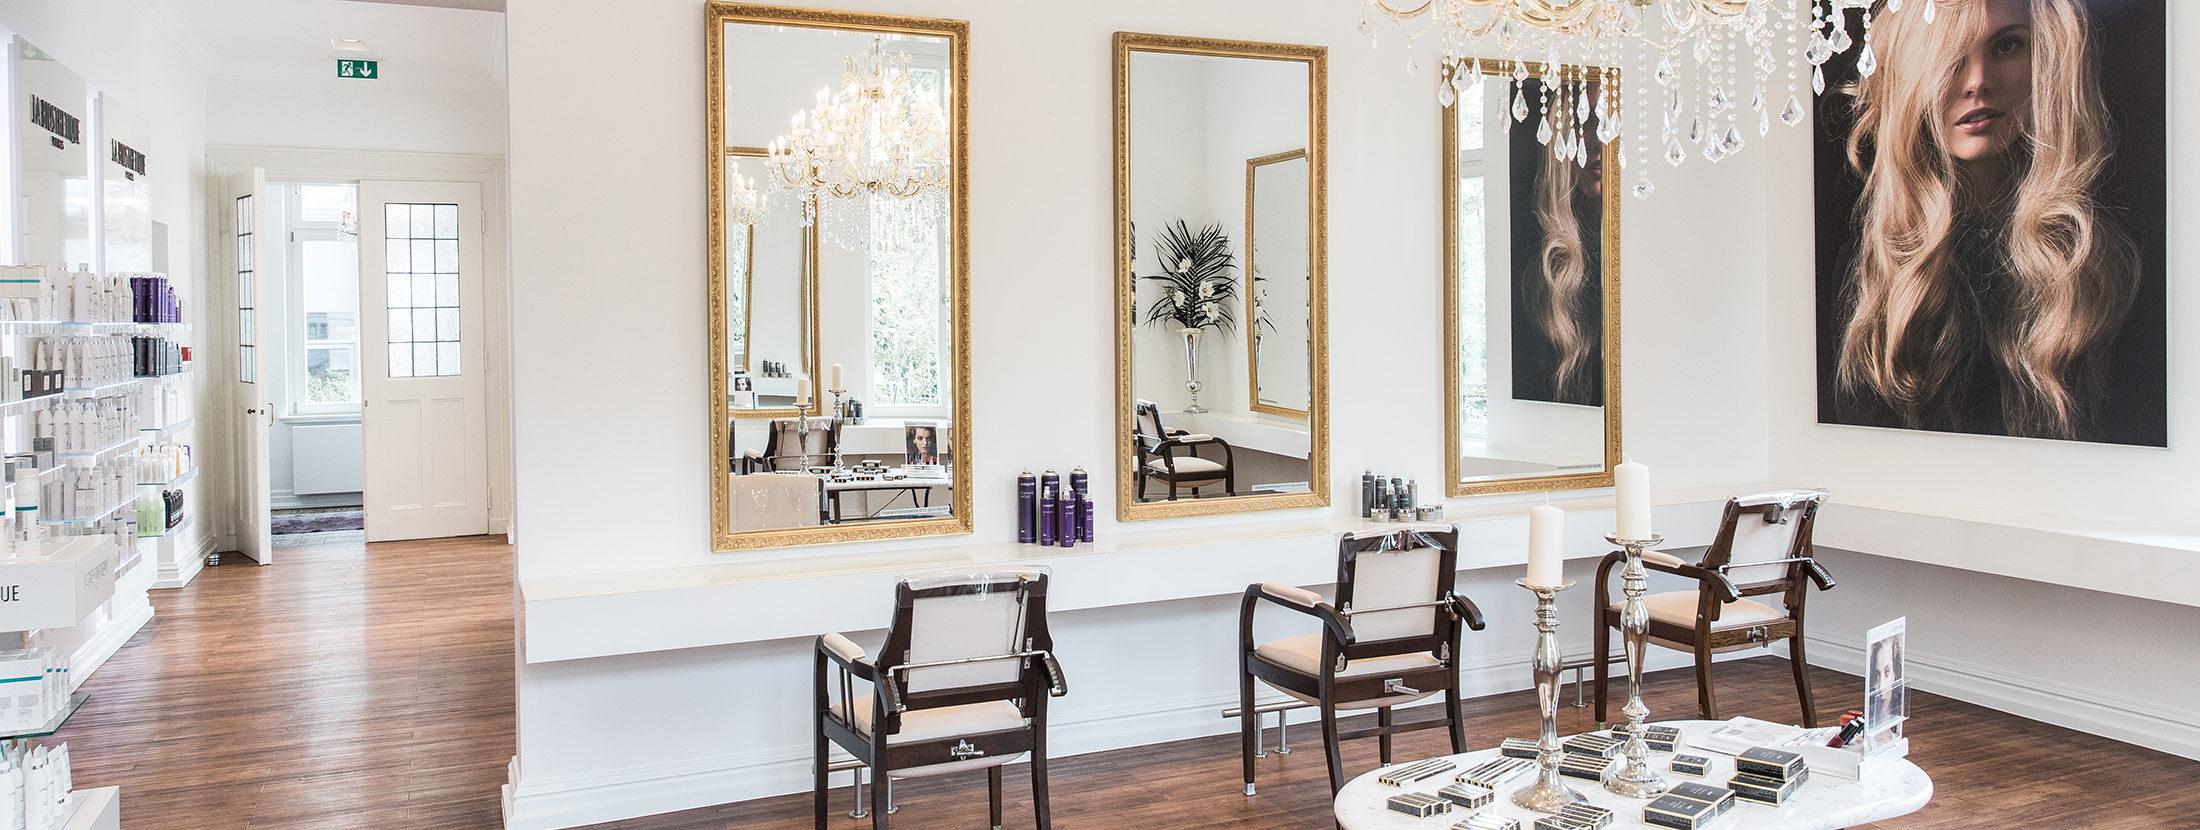 Einblick in den Haupt-Salonraum